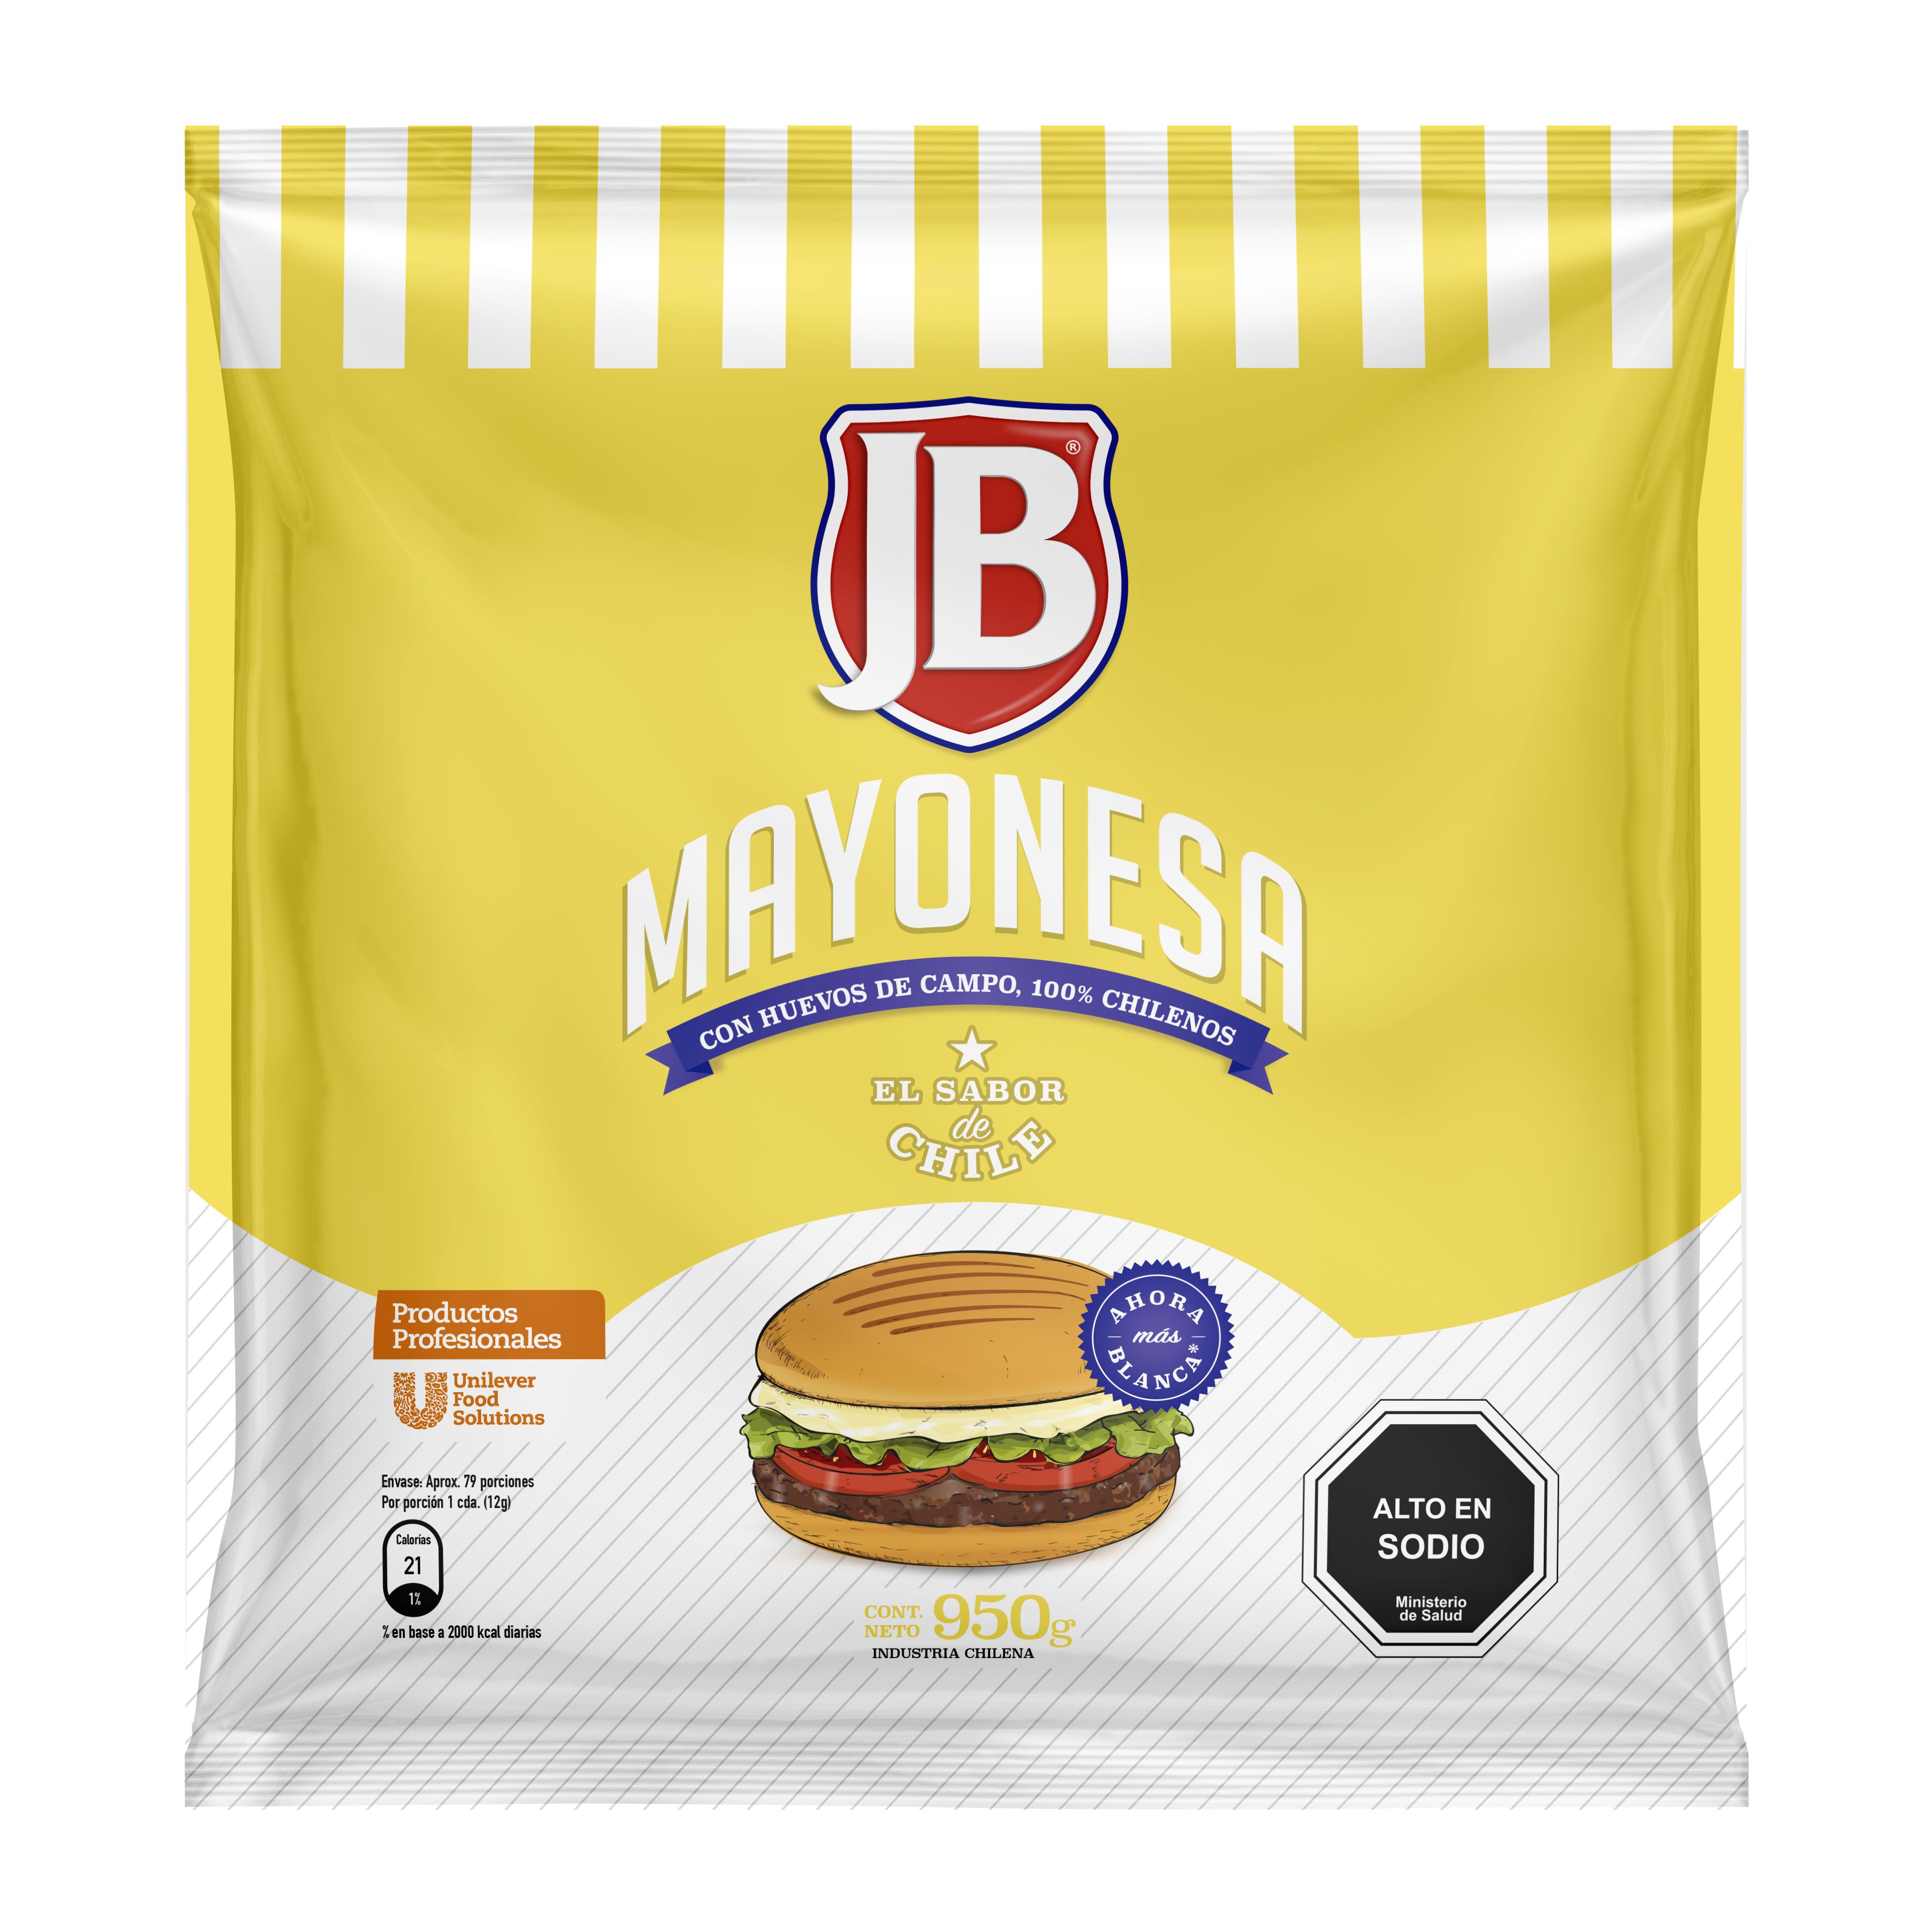 Mayonesa JB 950G - Mayonesa JB, el sabor de Chile!